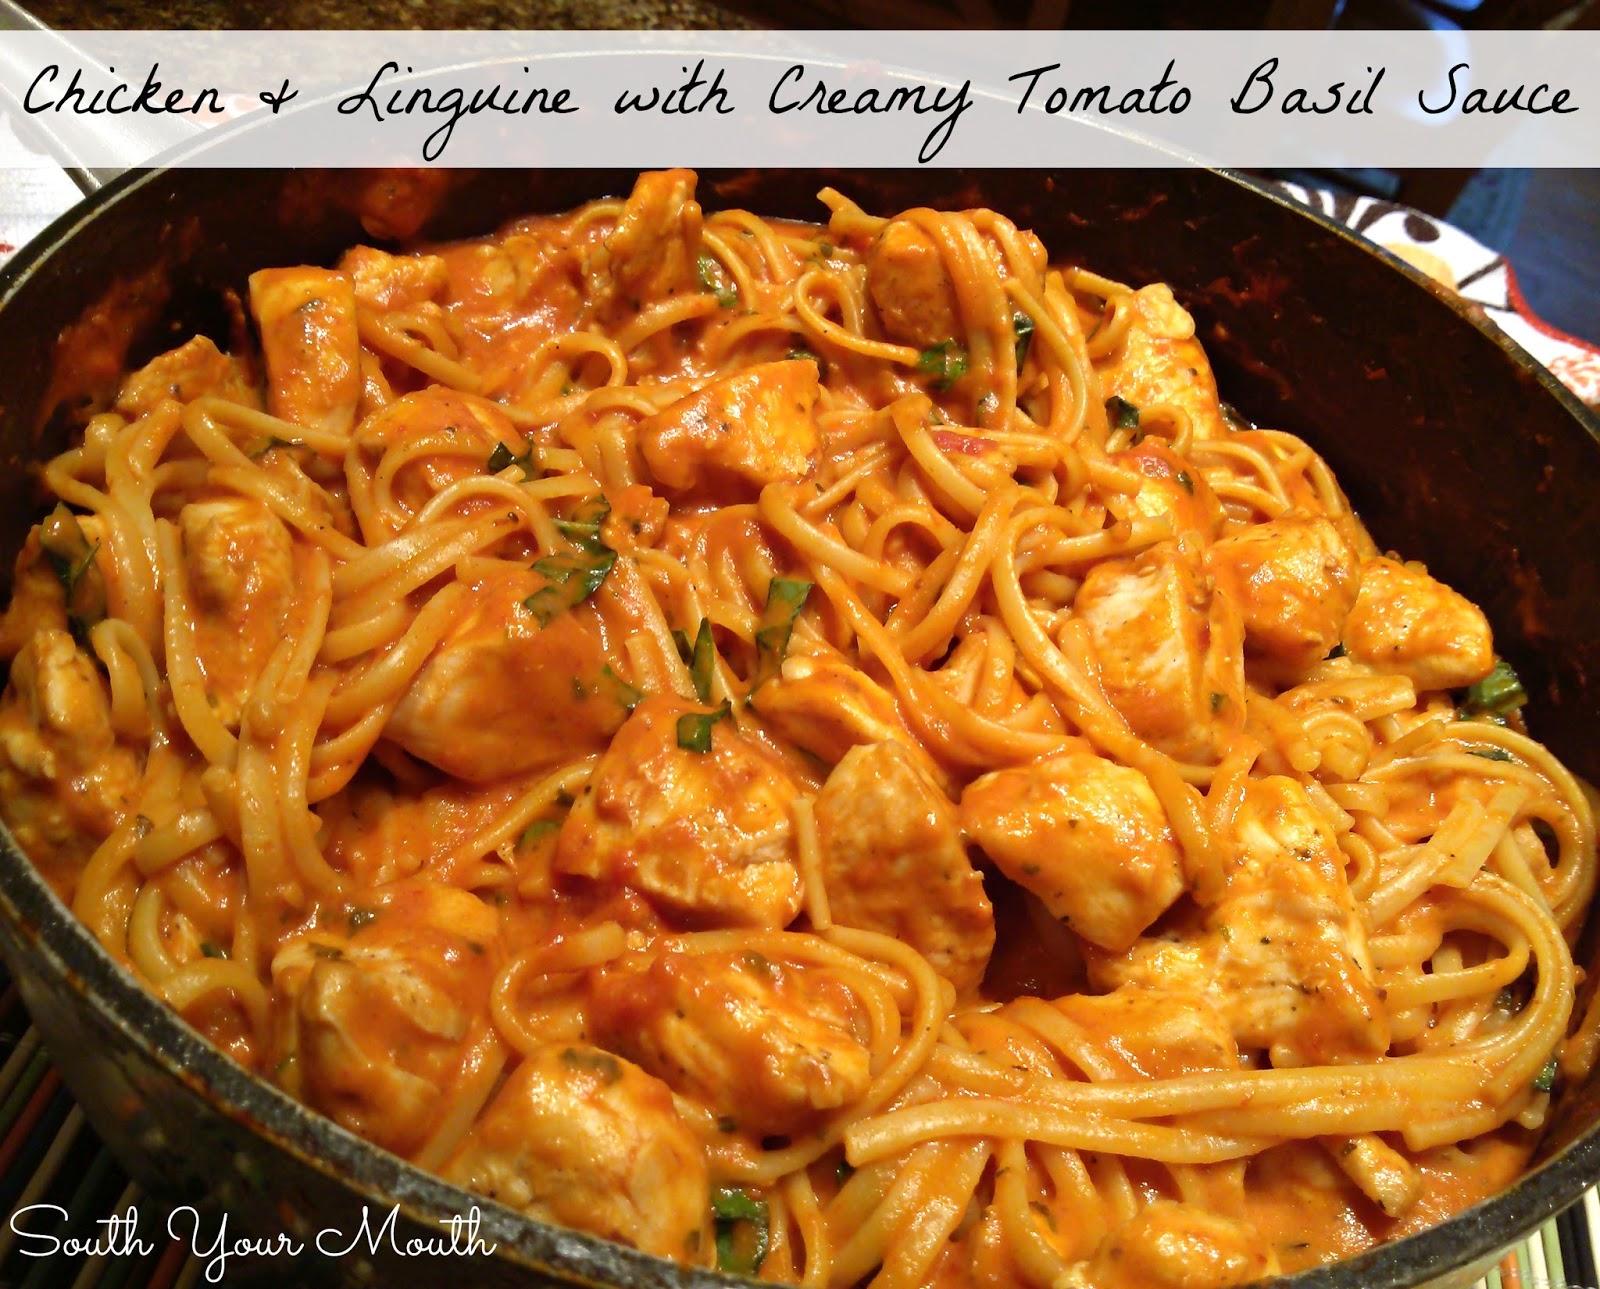 Chicken and creamy tomato pasta recipes